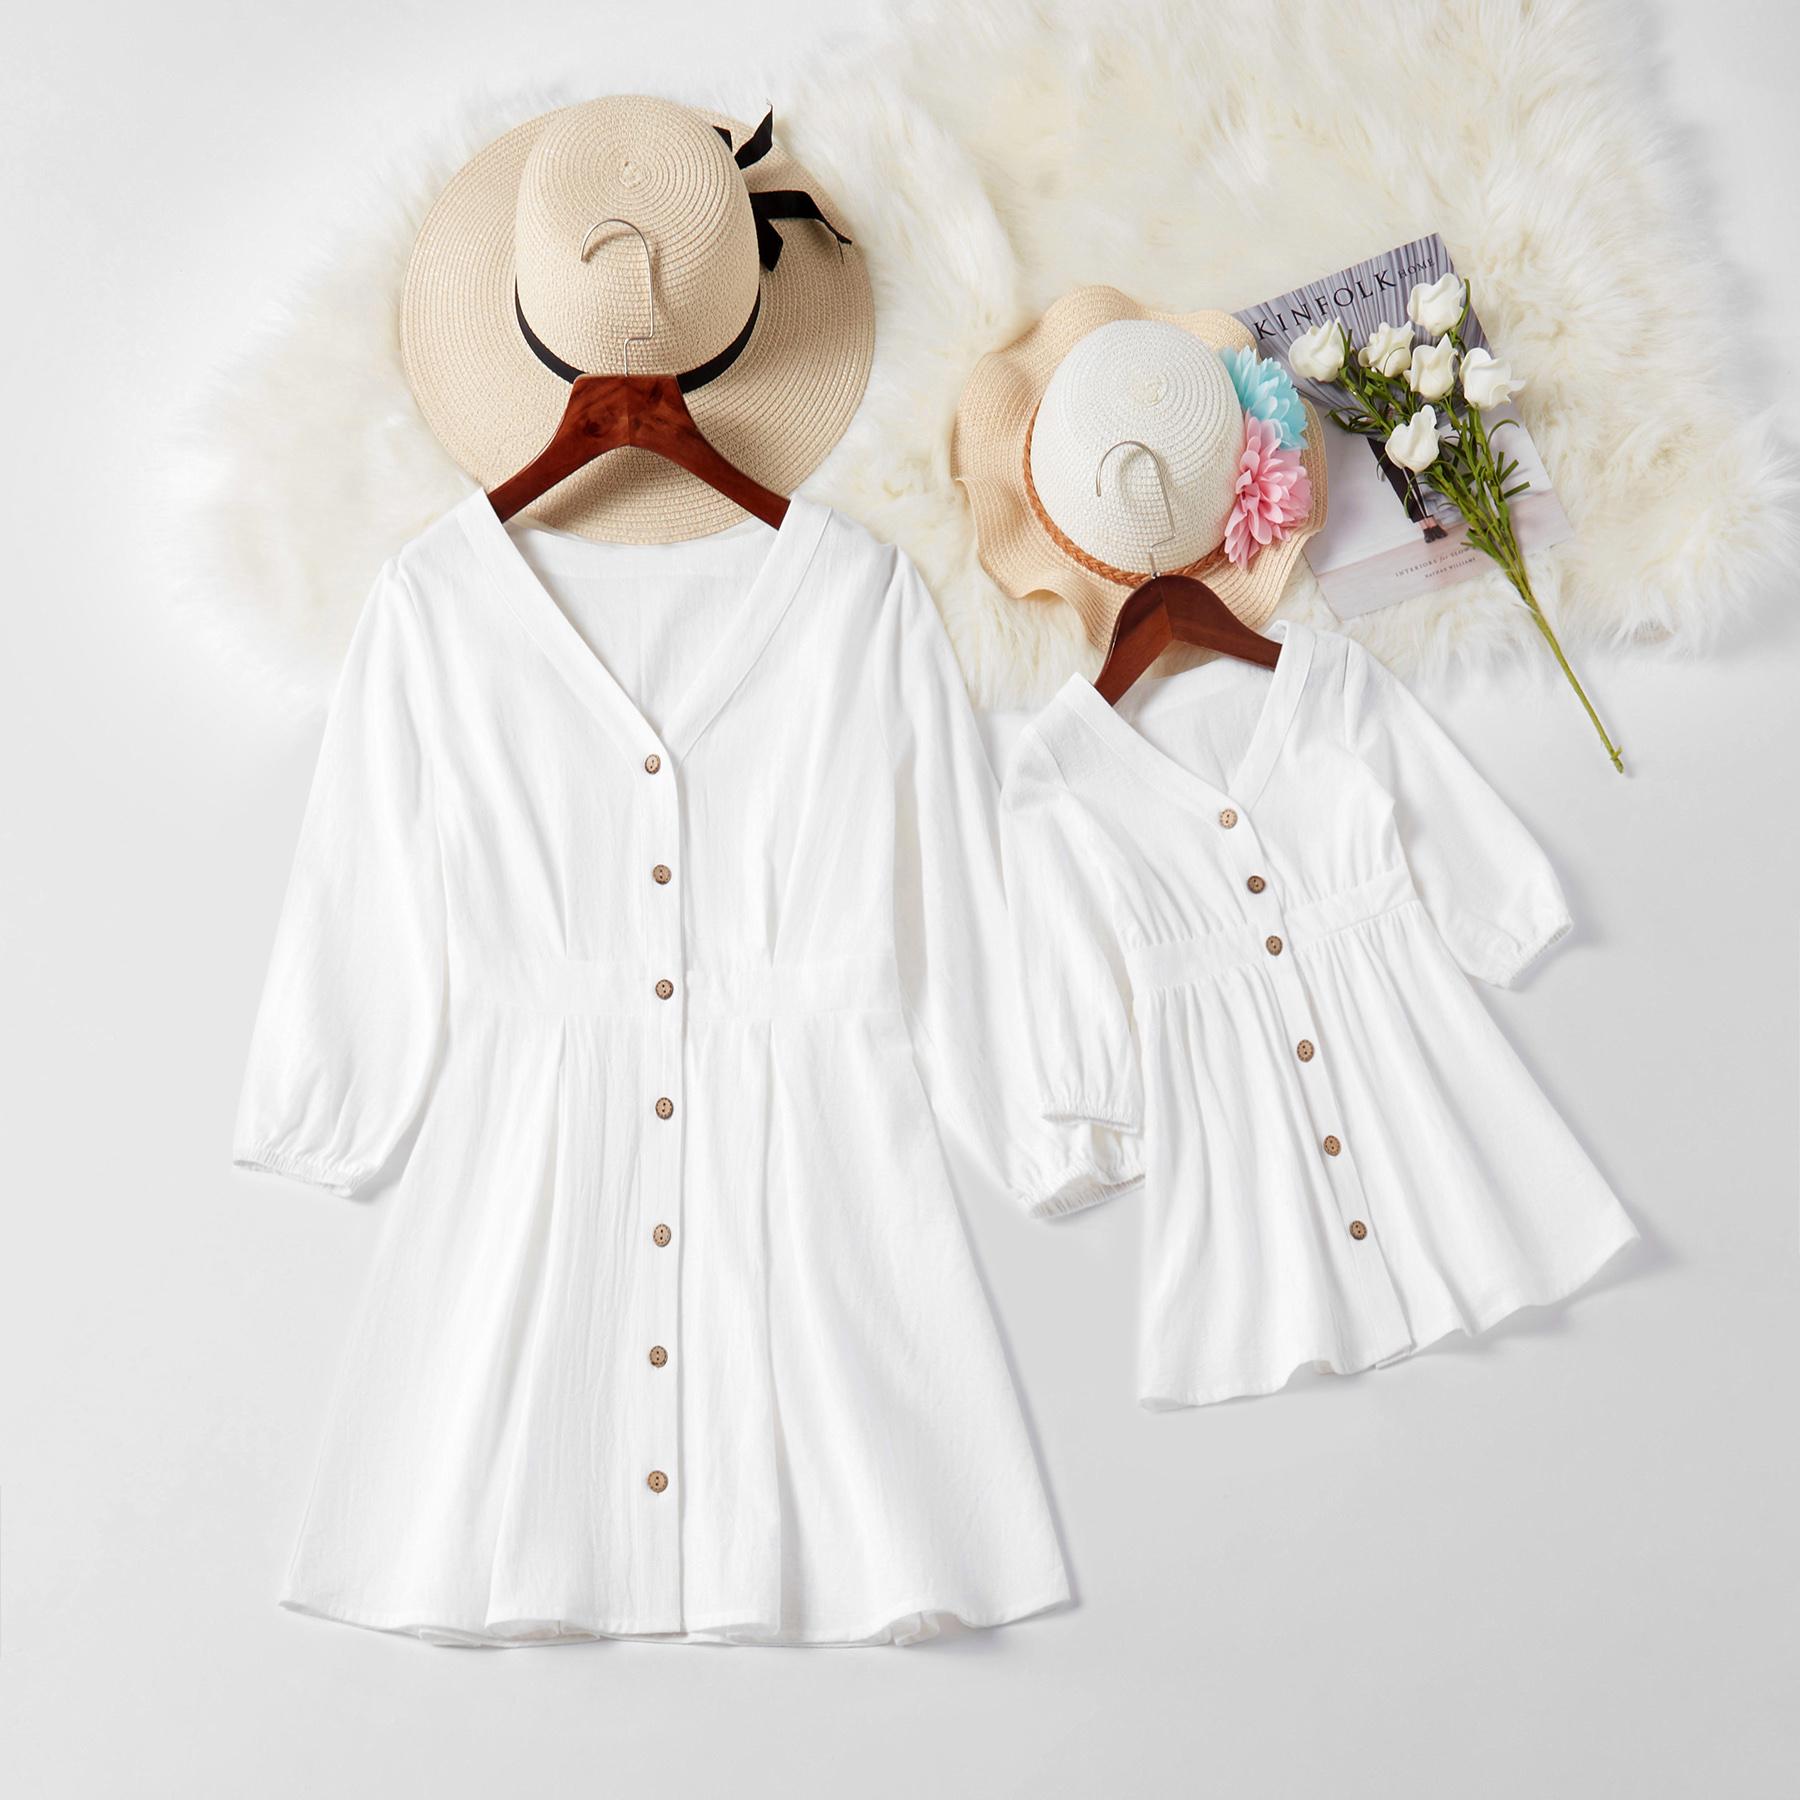 广州市佳鑫制衣有限公司 / V-sólido gargalo único de peito vestidos correspondentes equipada